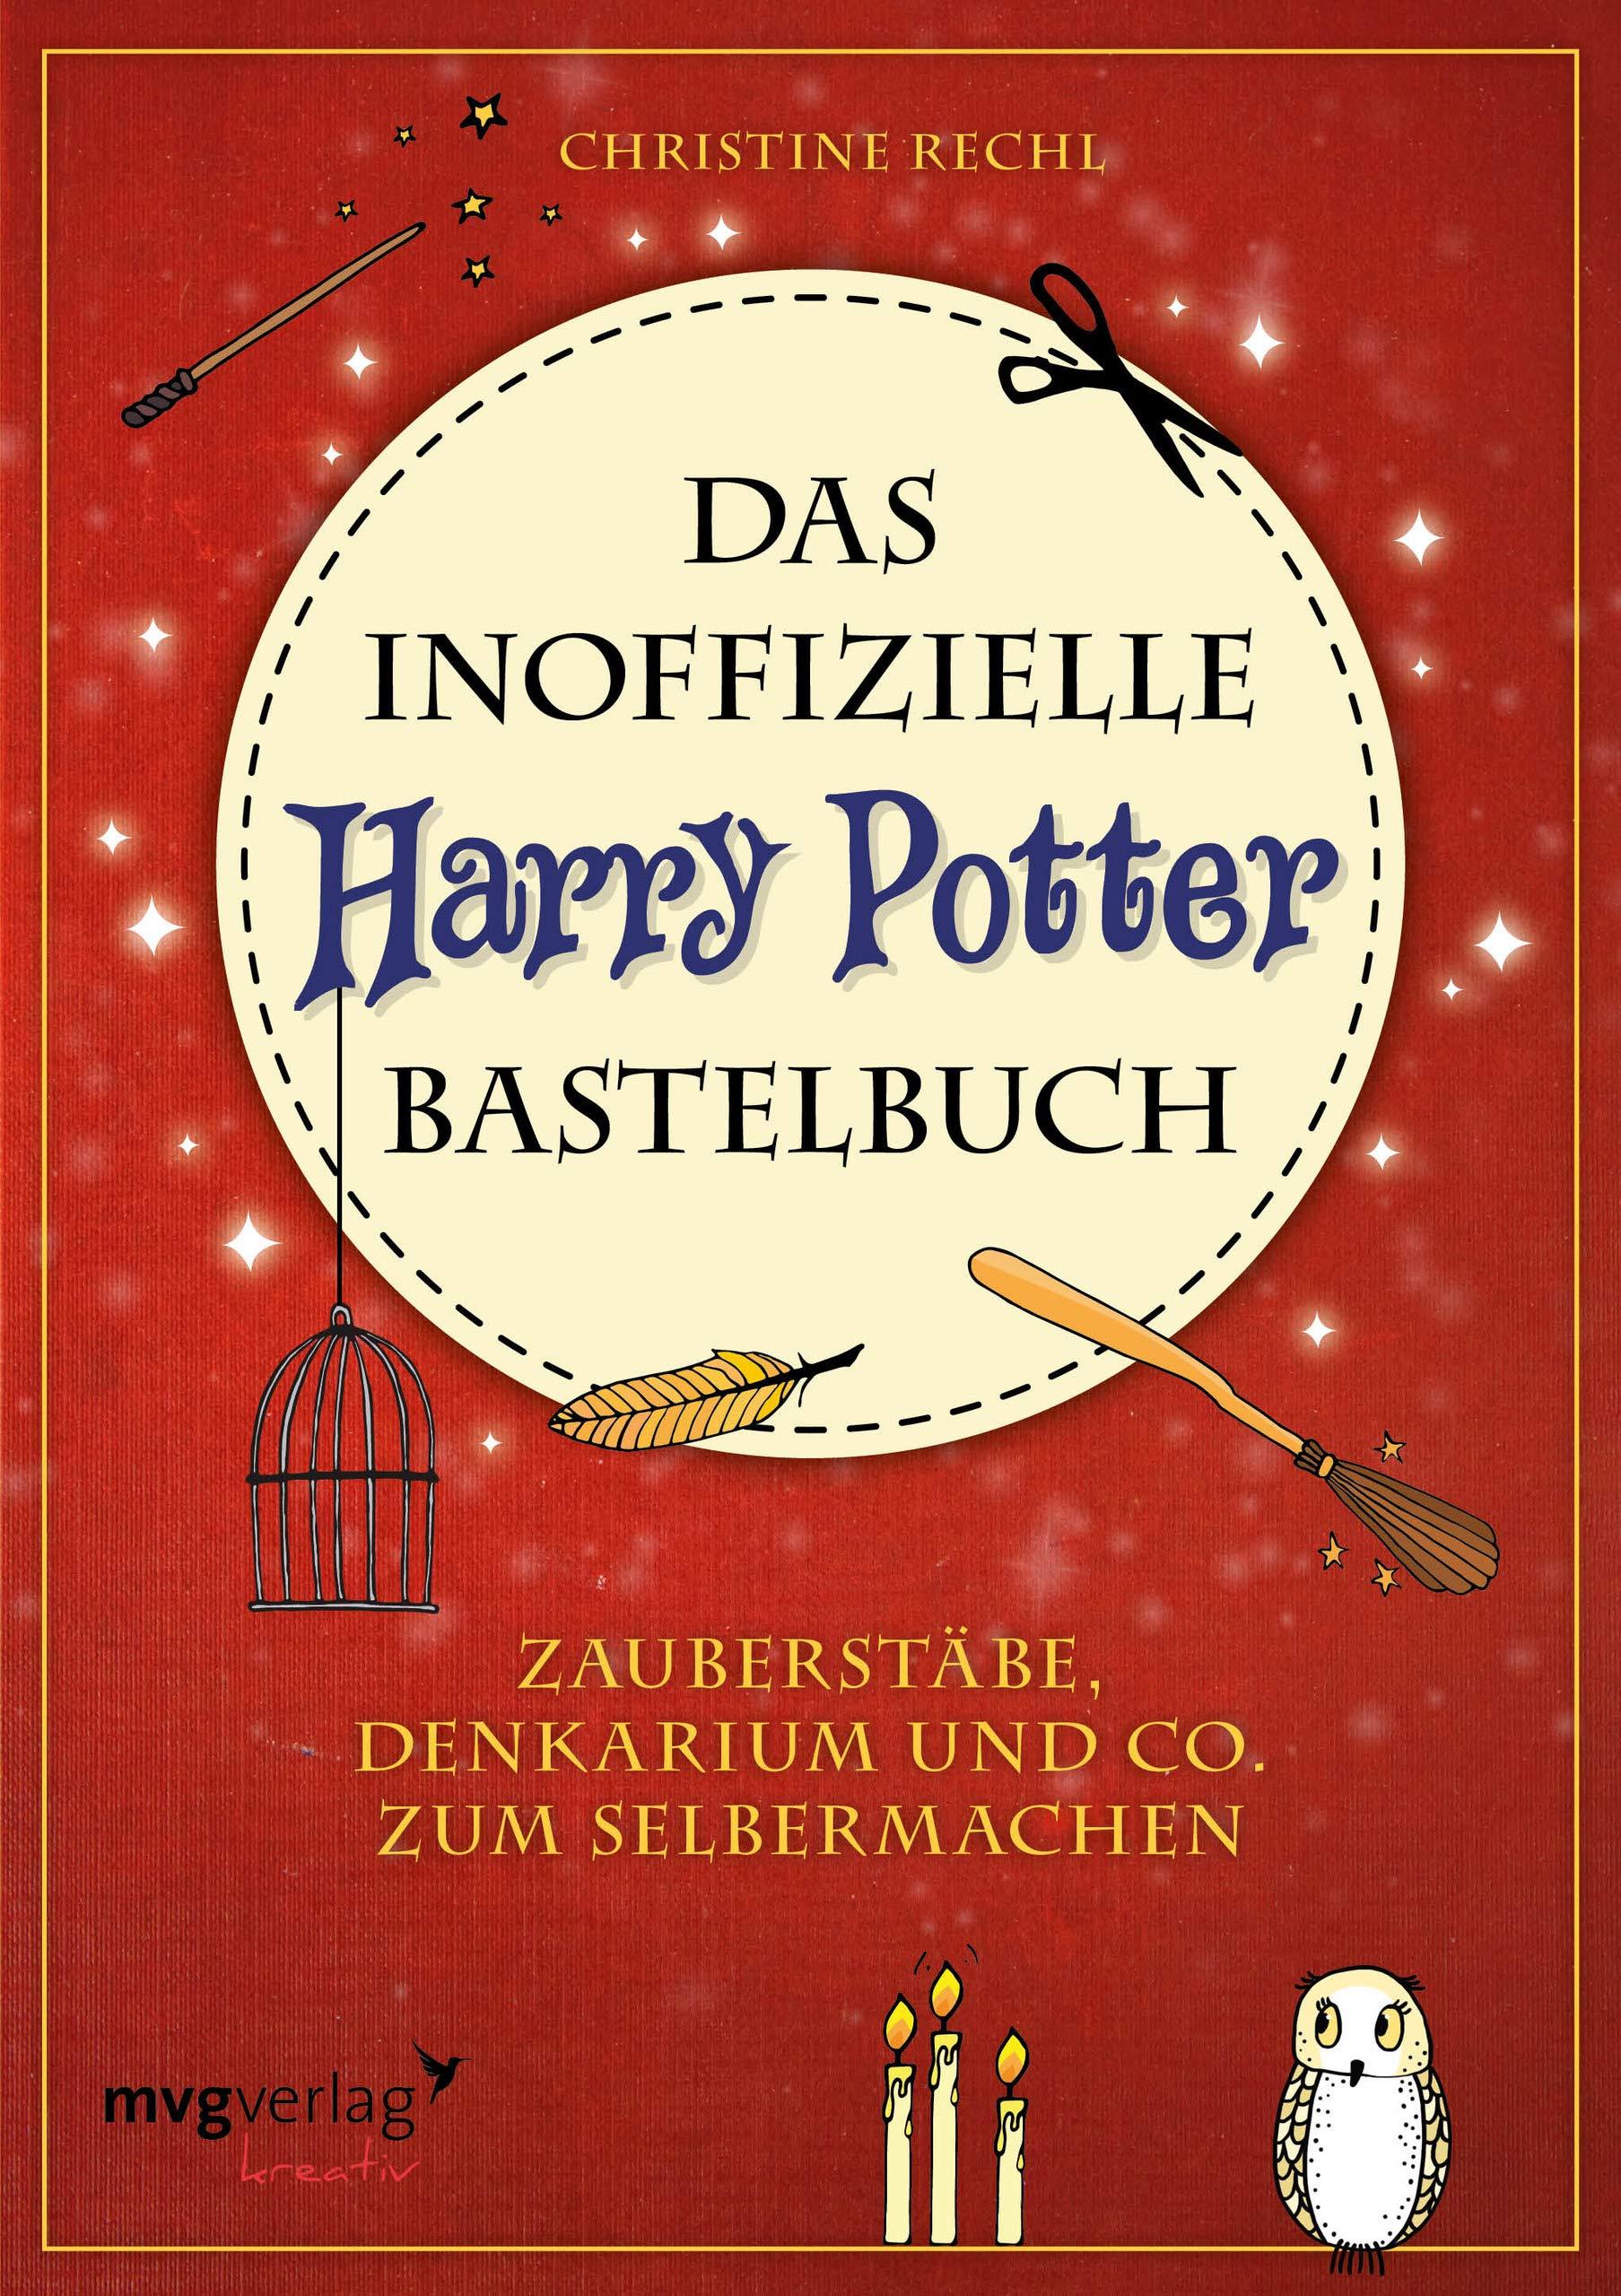 Das Inoffizielle Harry Potter Bastelbuch Zauberstabe Denkarium Und